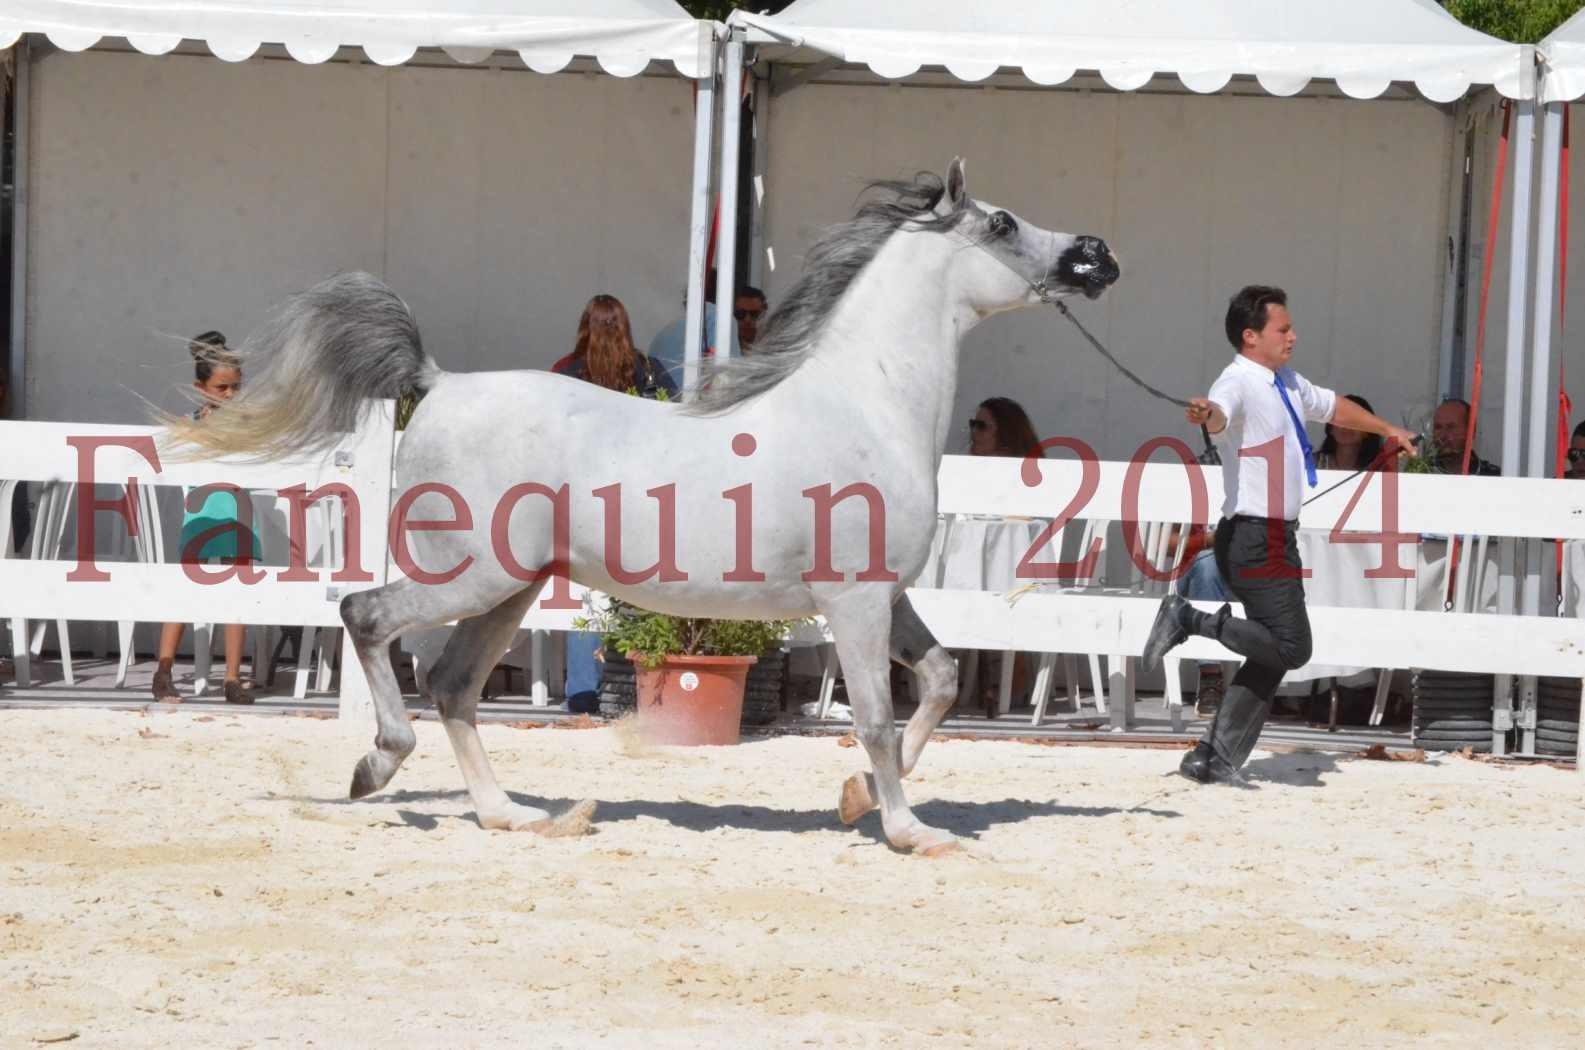 Concours National de Nîmes de chevaux ARABES 2014 - Sélection - SHAOLIN DE NEDJAIA - 05